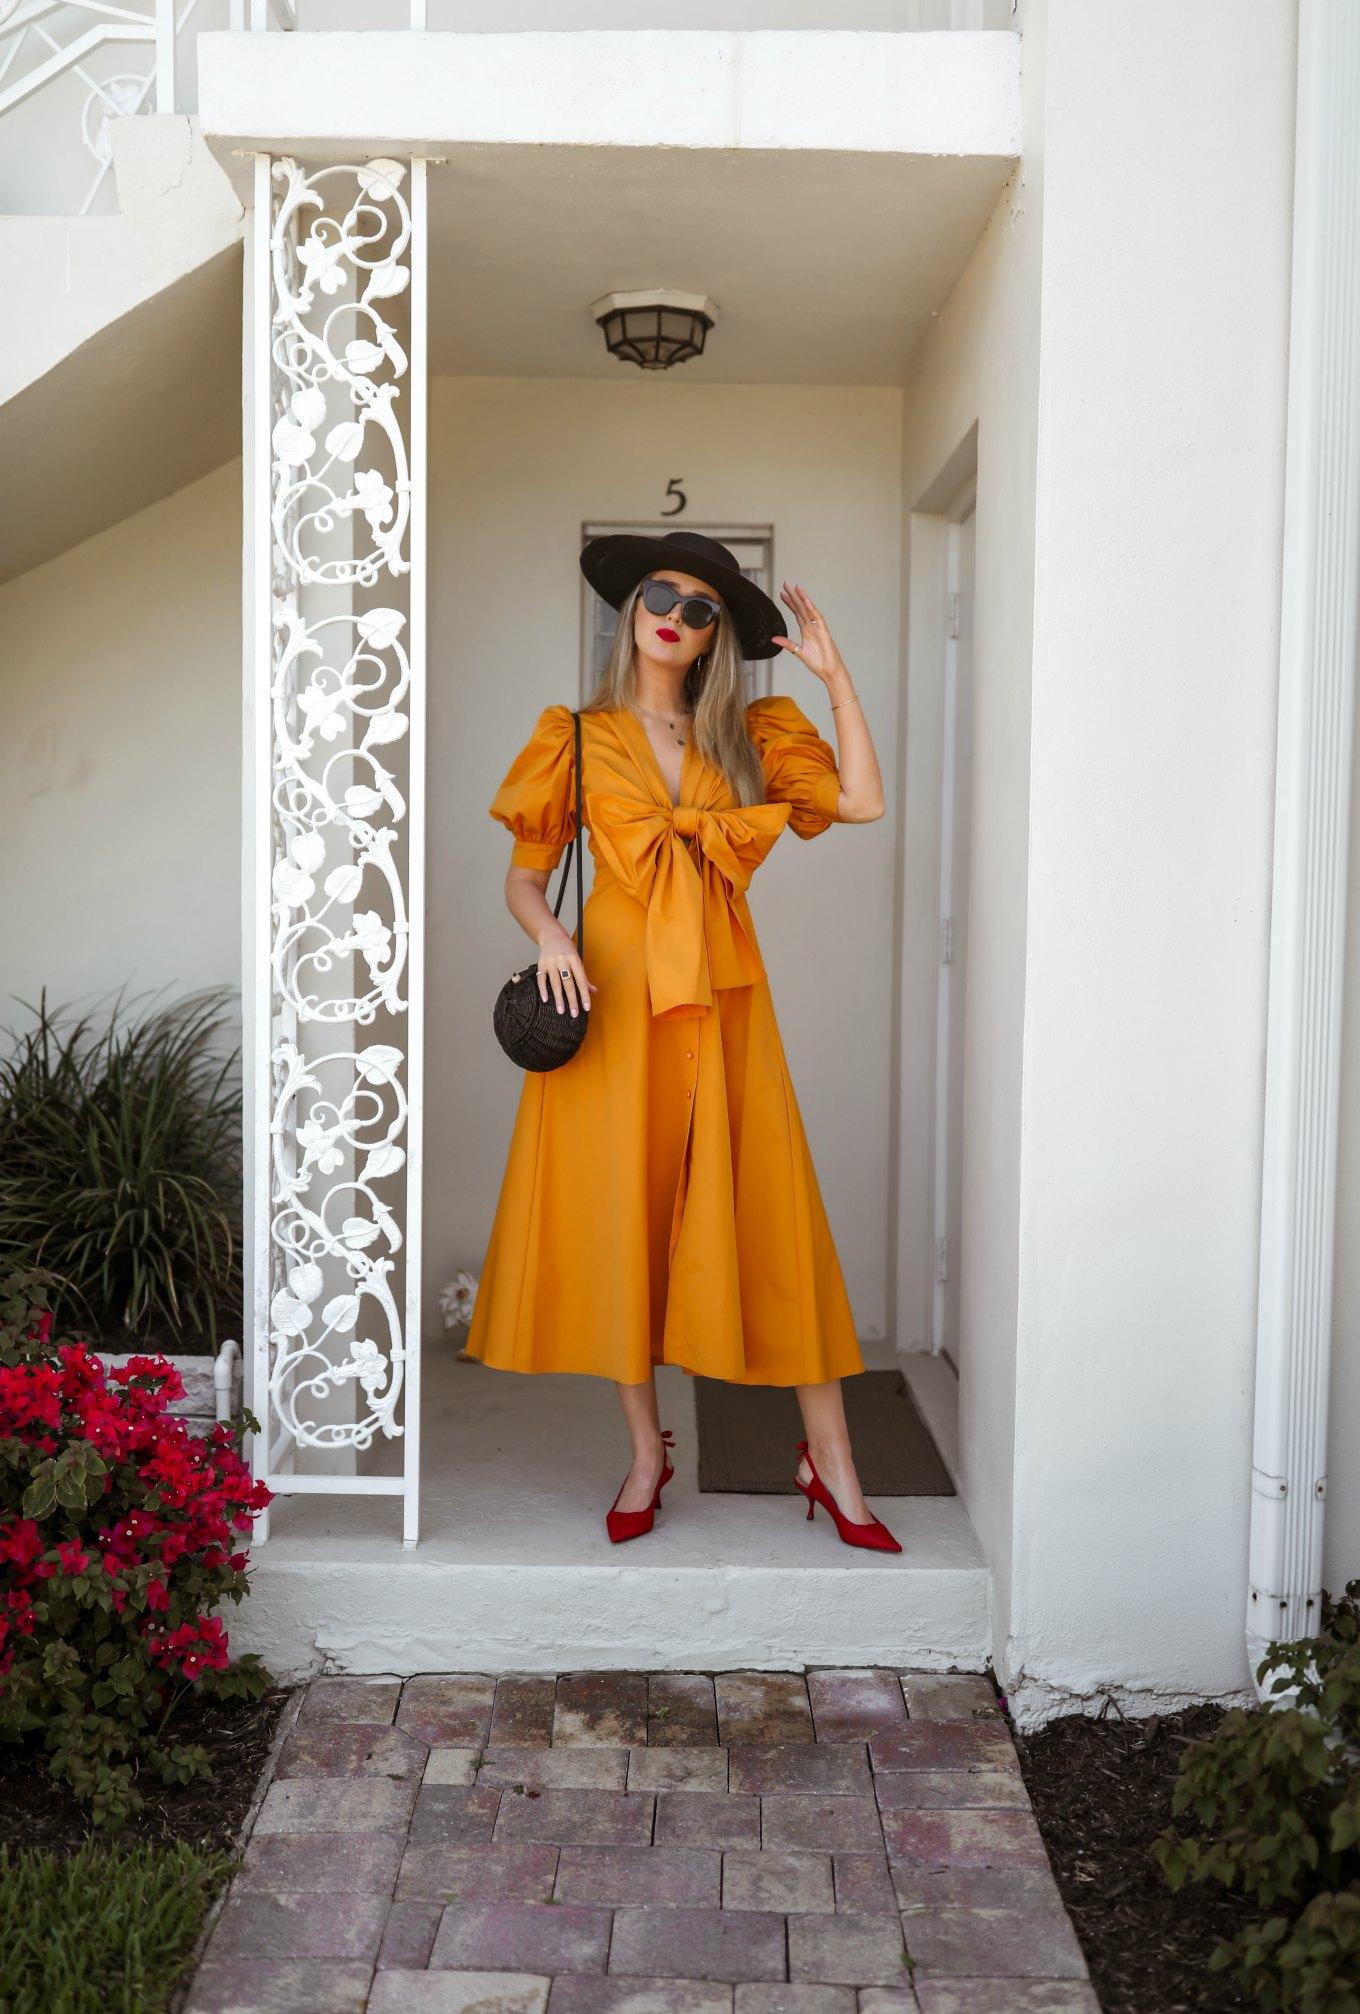 menorandum mặc đầm vàng mù tạt và giày đỏ